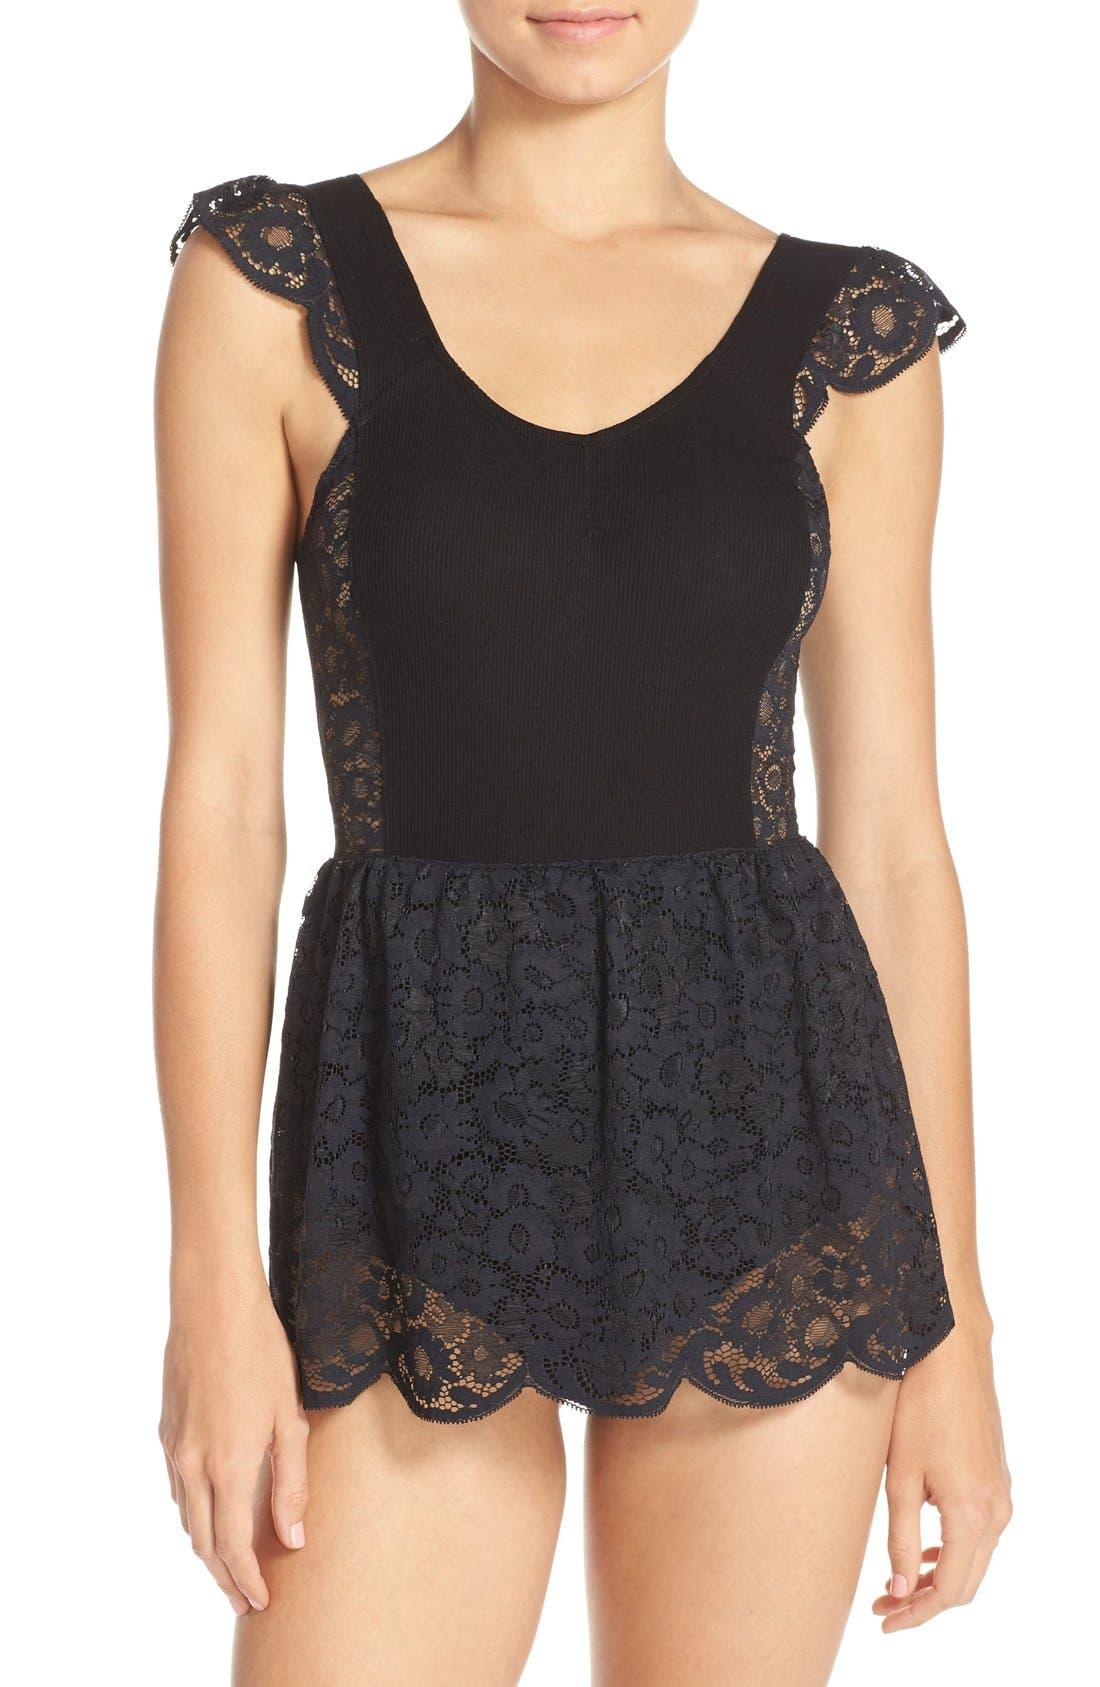 Alternate Image 1 Selected - For Love & Lemons 'Daisy' Lace Skirted Bodysuit